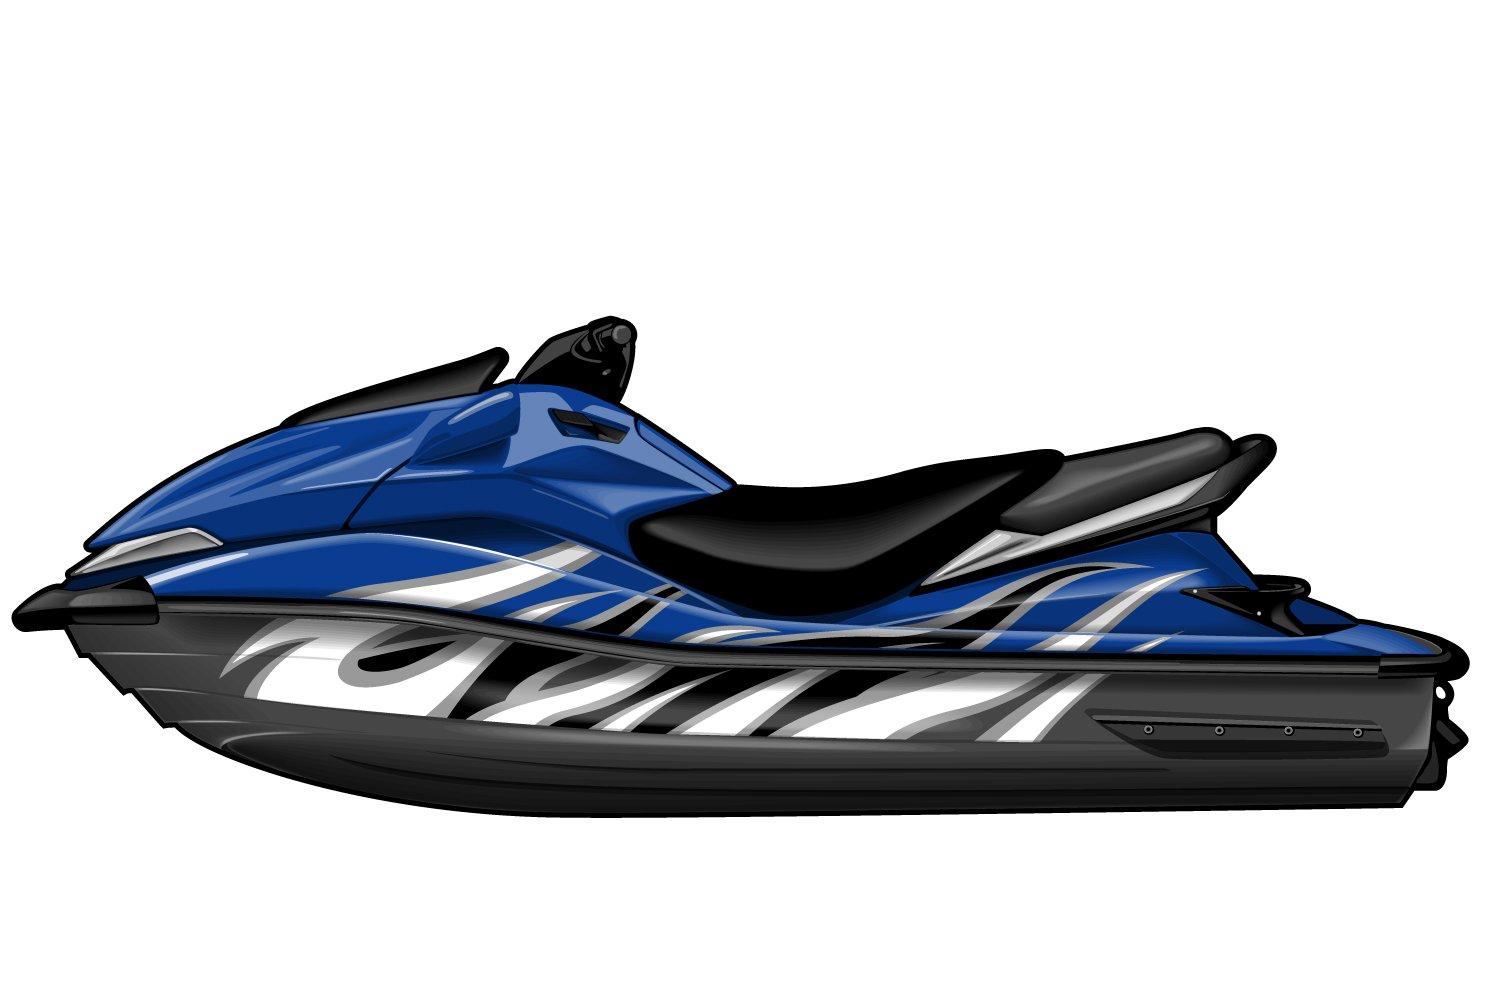 Kawasaki jet ski ultra graphic kit ek0002u2